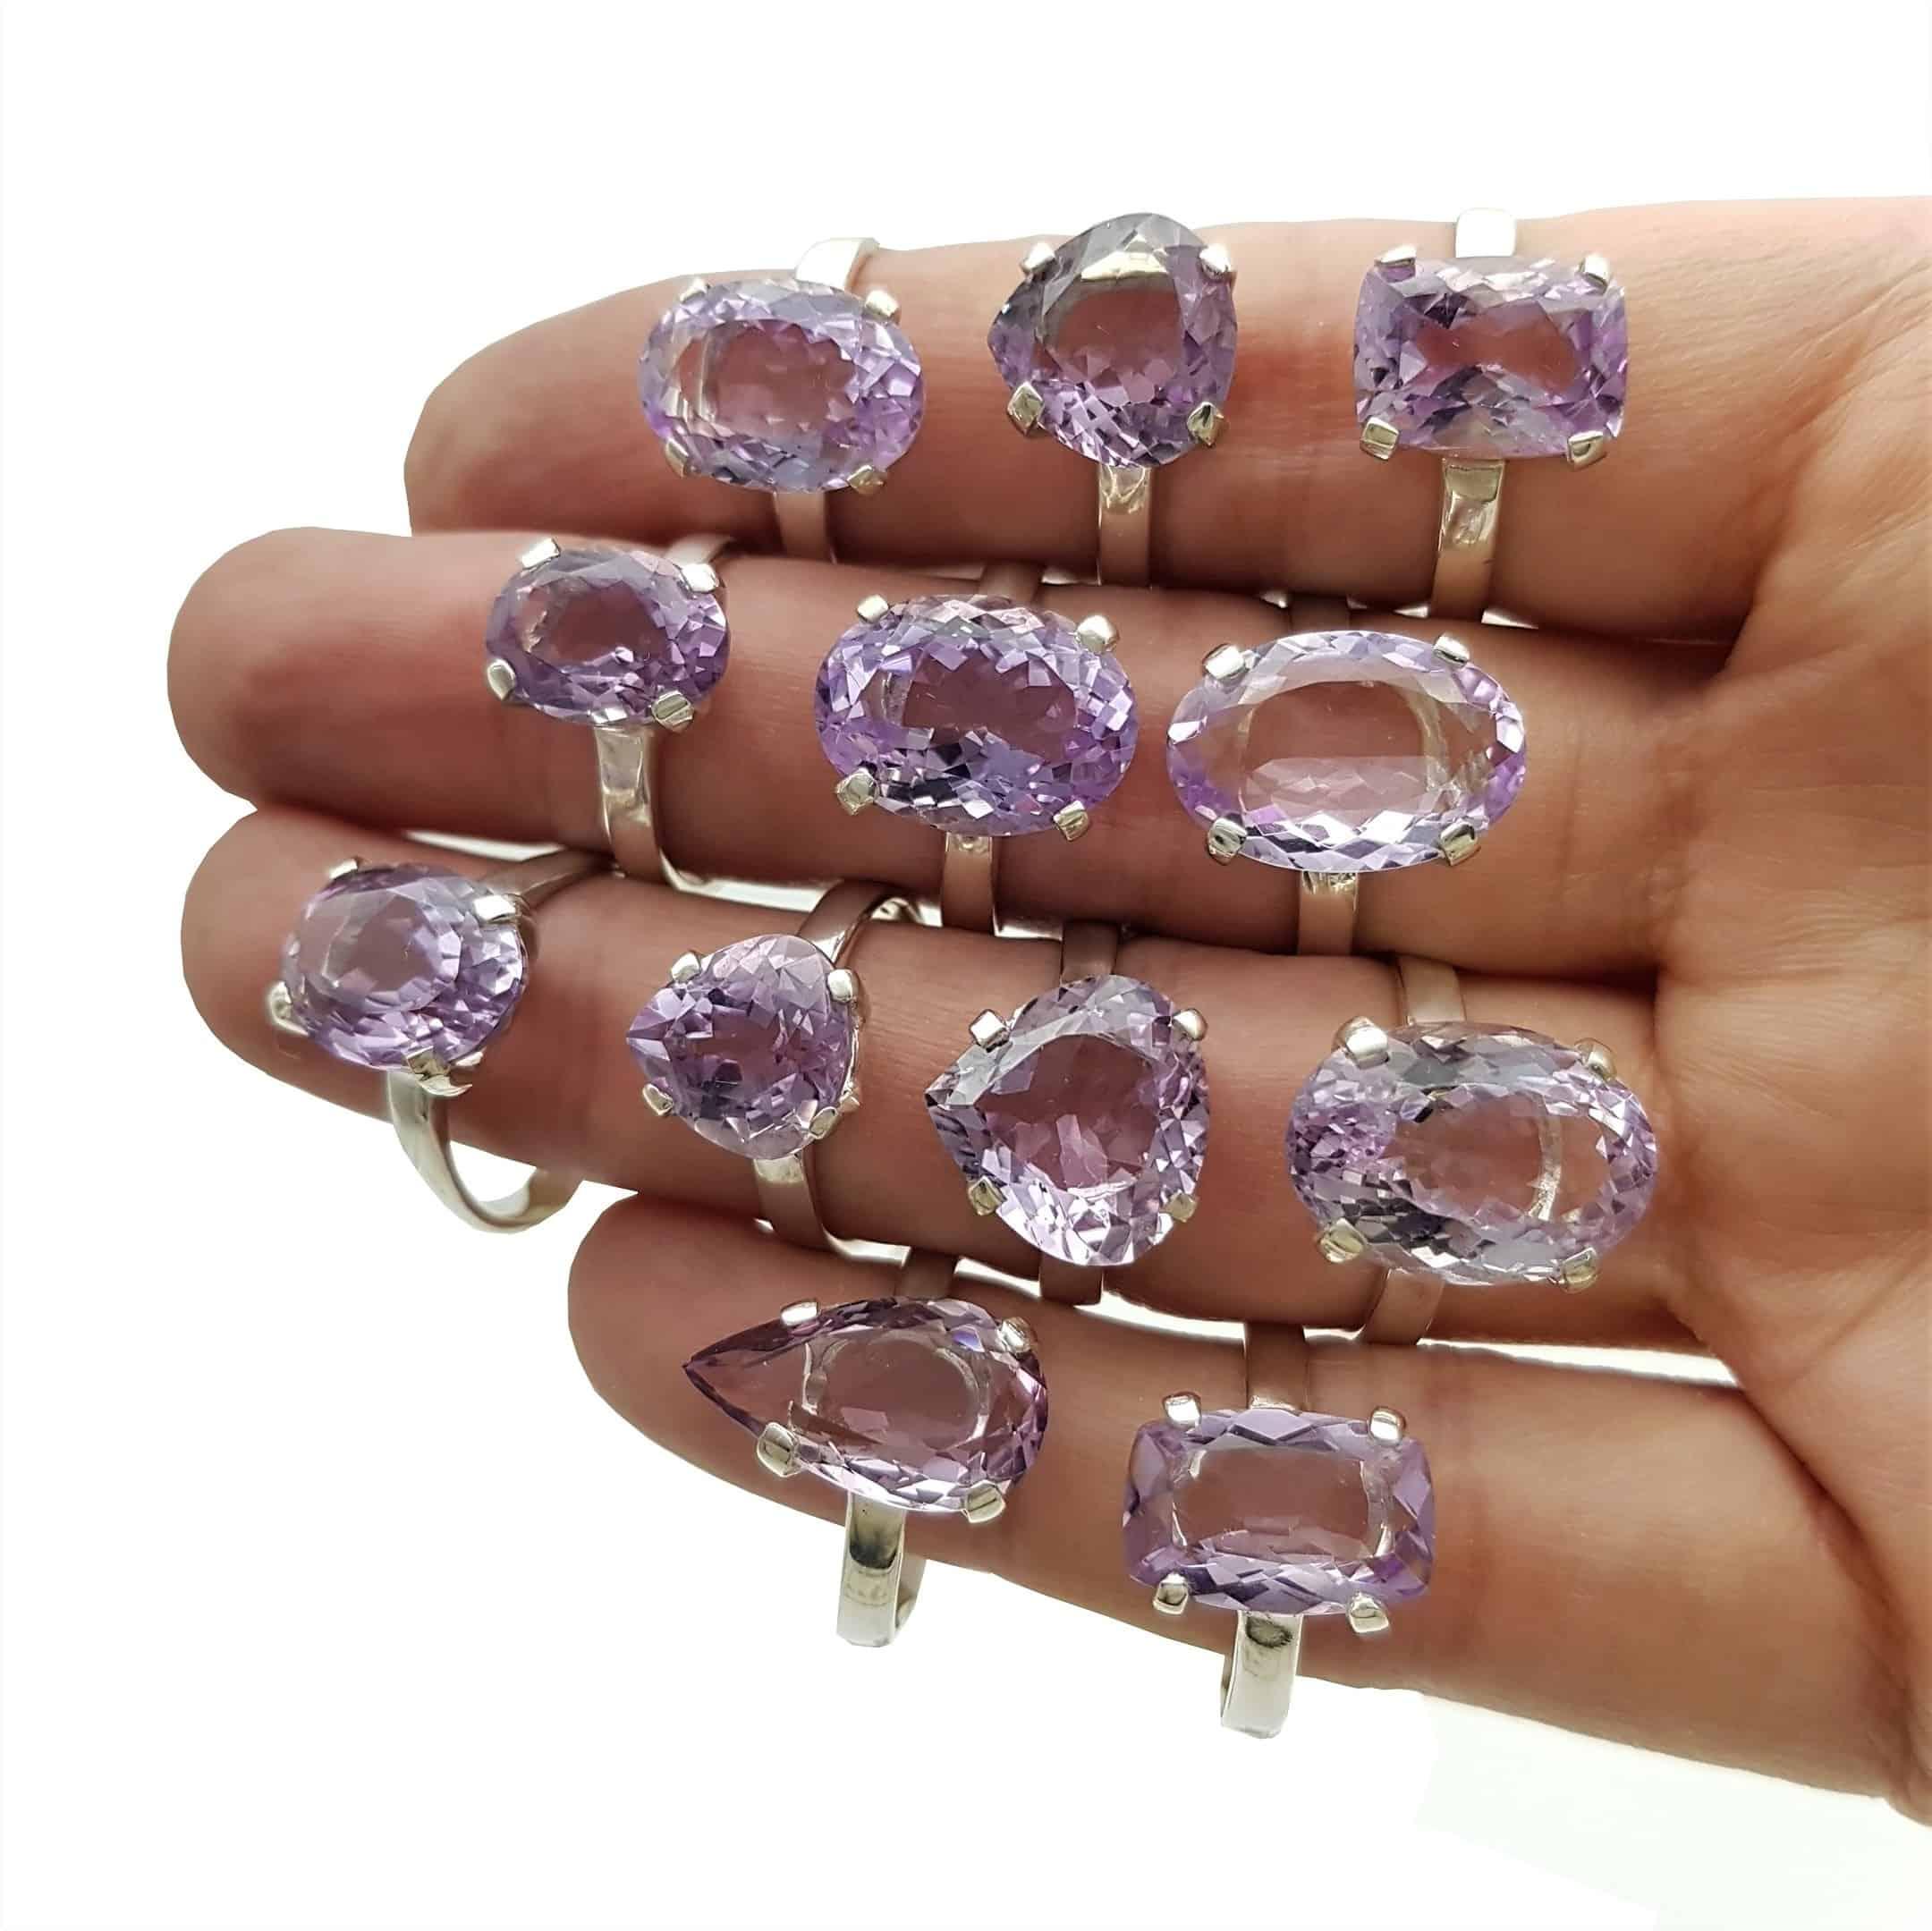 Dedos llenos de anillos de piedras semipreciosas de cuarzo amatista en plata